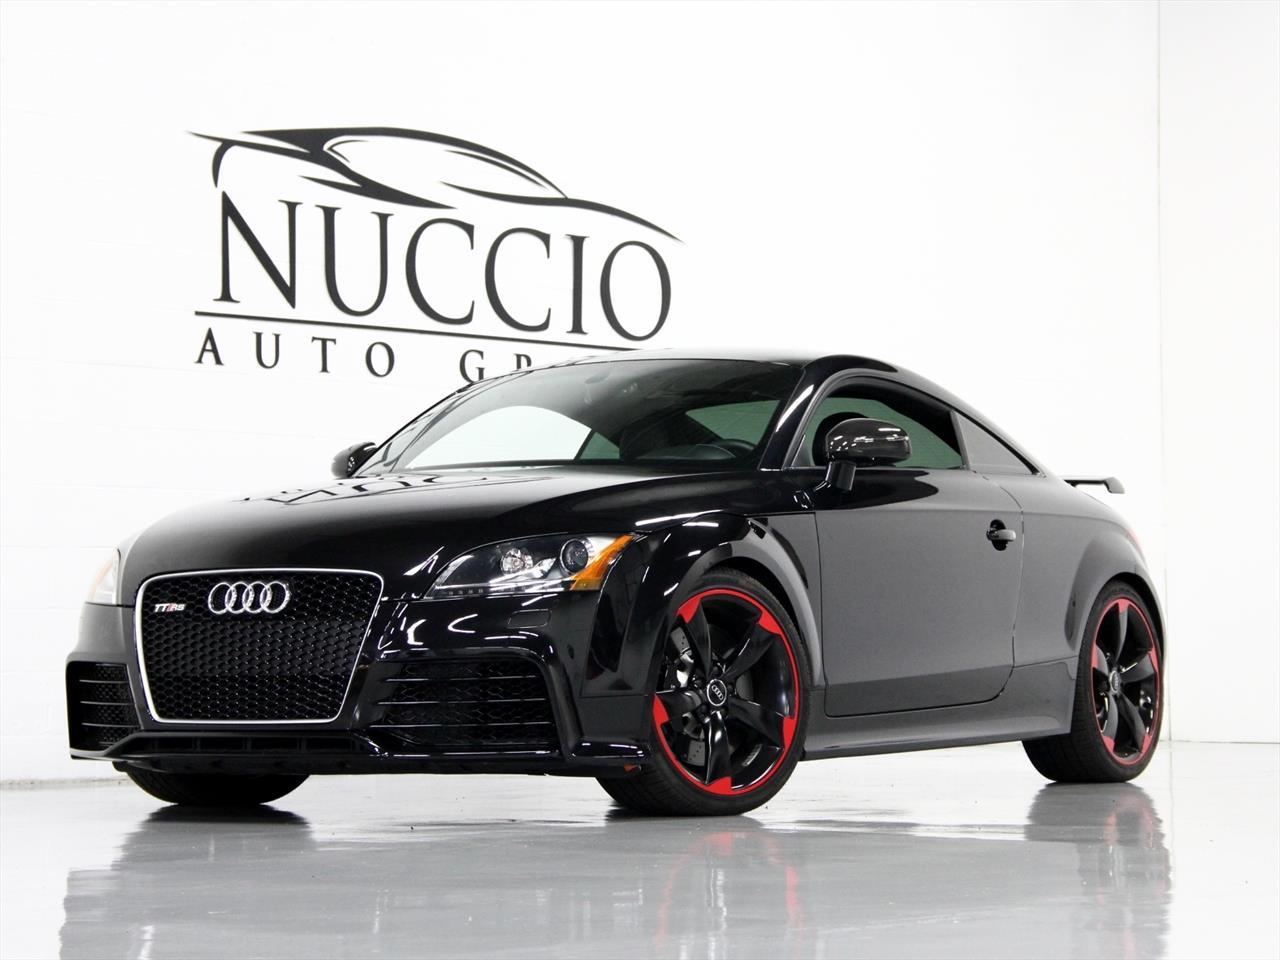 2013 Audi TT RS Coupe Quattro